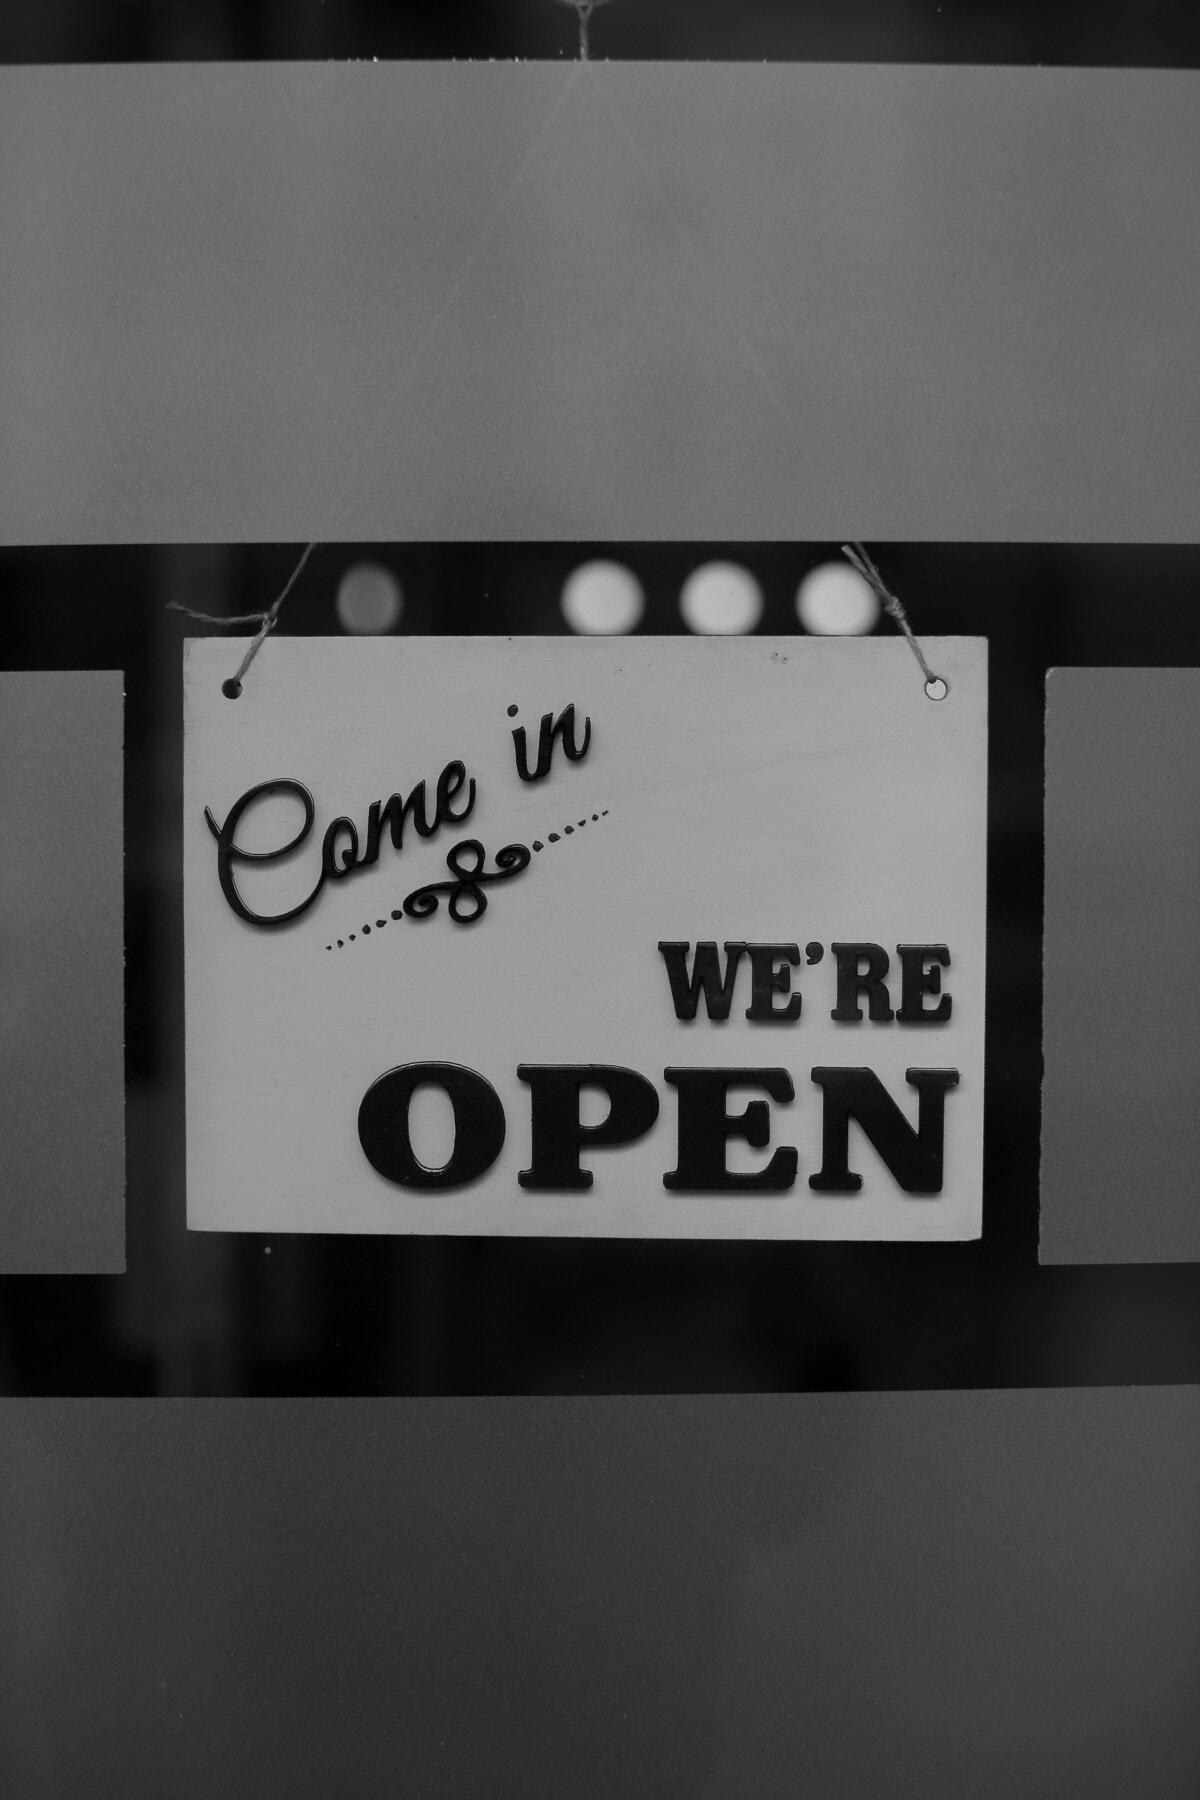 ouvrir, magasin, signe, texte, symbole, commercialisation, La publicité, Shopping, noir et blanc, monochrome